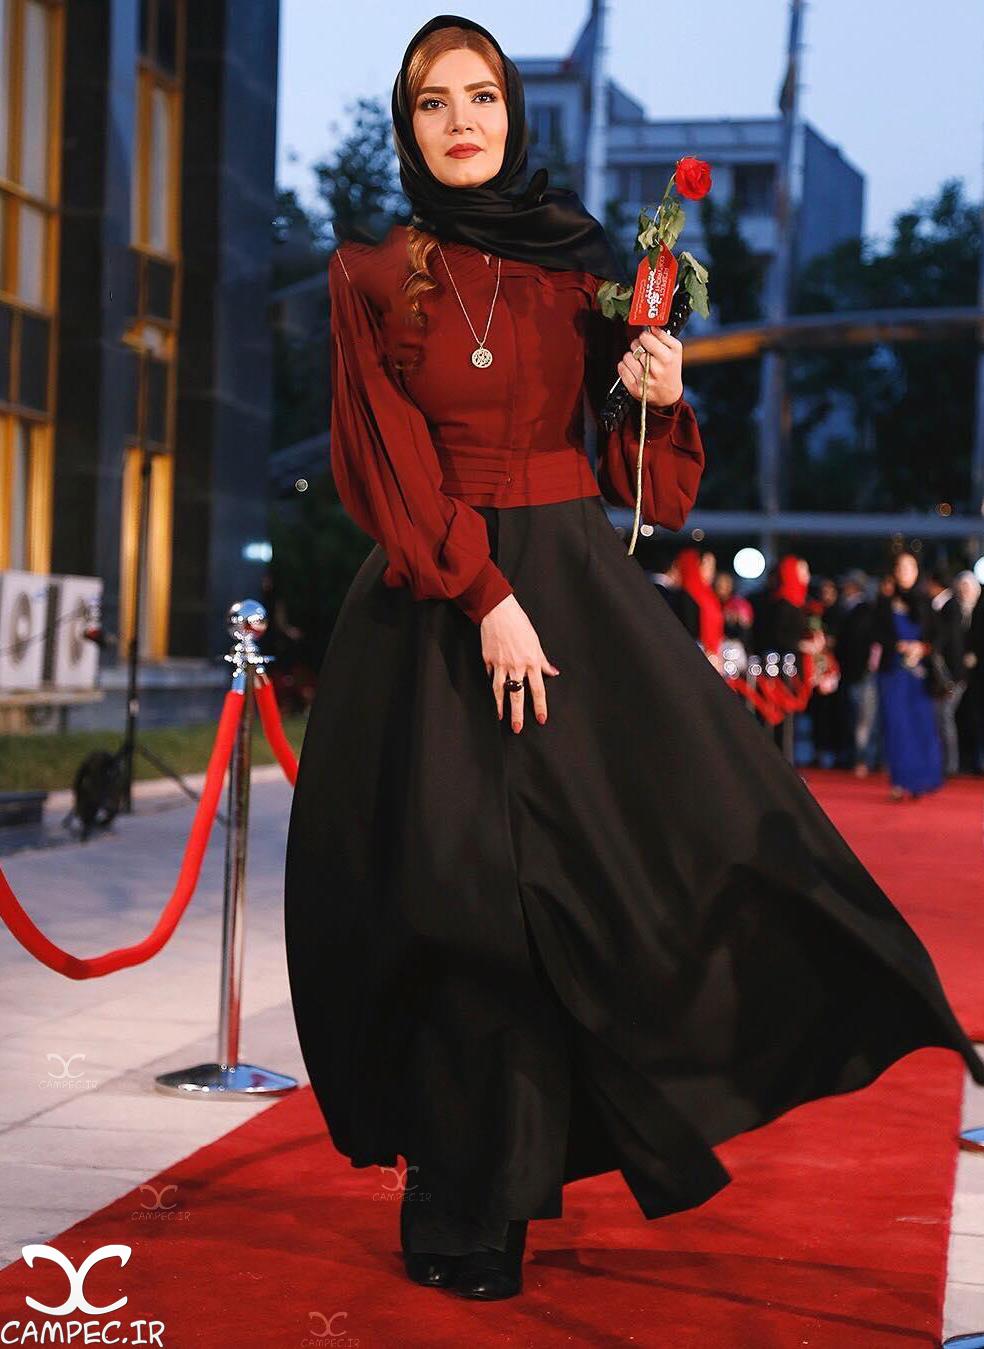 متین ستوده بر روی فرش قرمز جشن حافظ